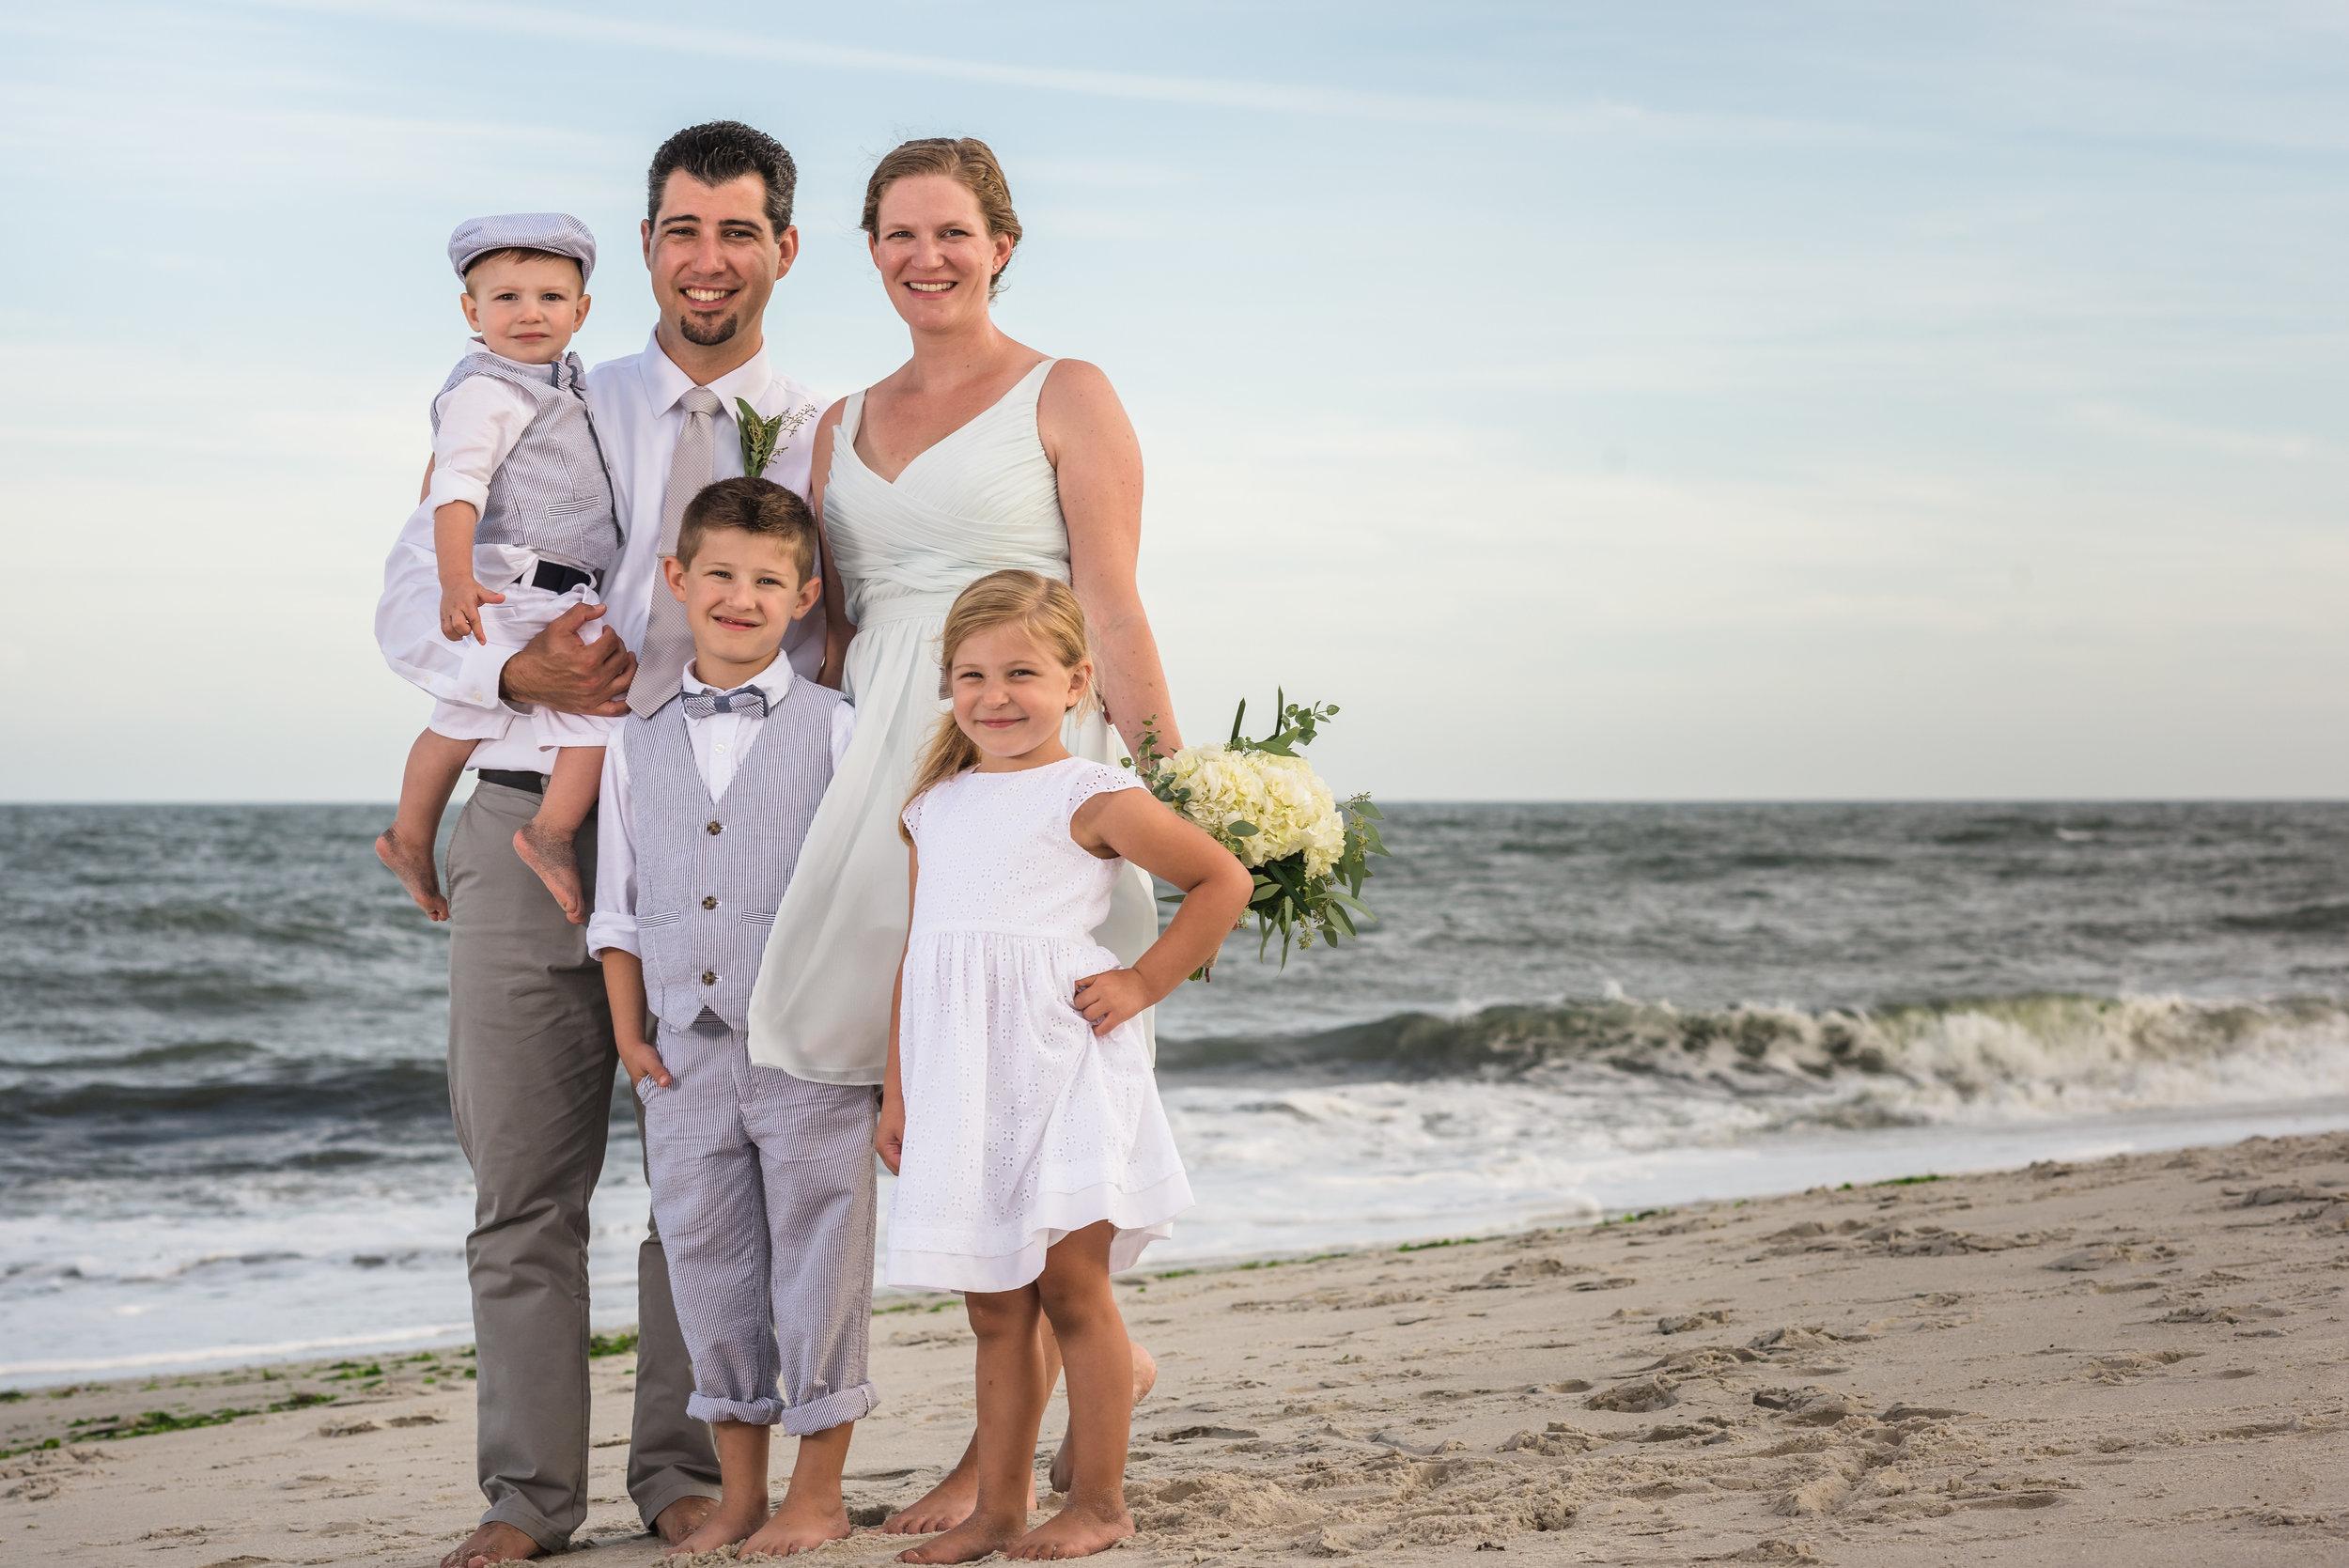 Long Beach Island Wedding Vow Photos Greg & Meagan 13